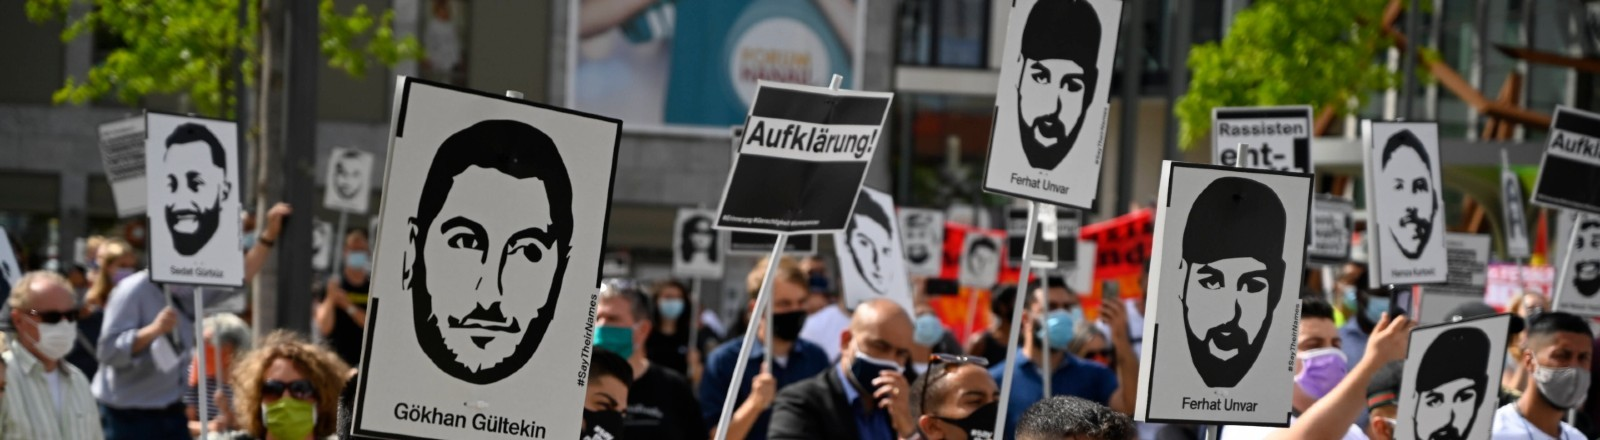 Demonstration im Gedenken an die Opfer des Anschlags von Hanau auf dem Freiheitsplatz in Frankfurt am Main.